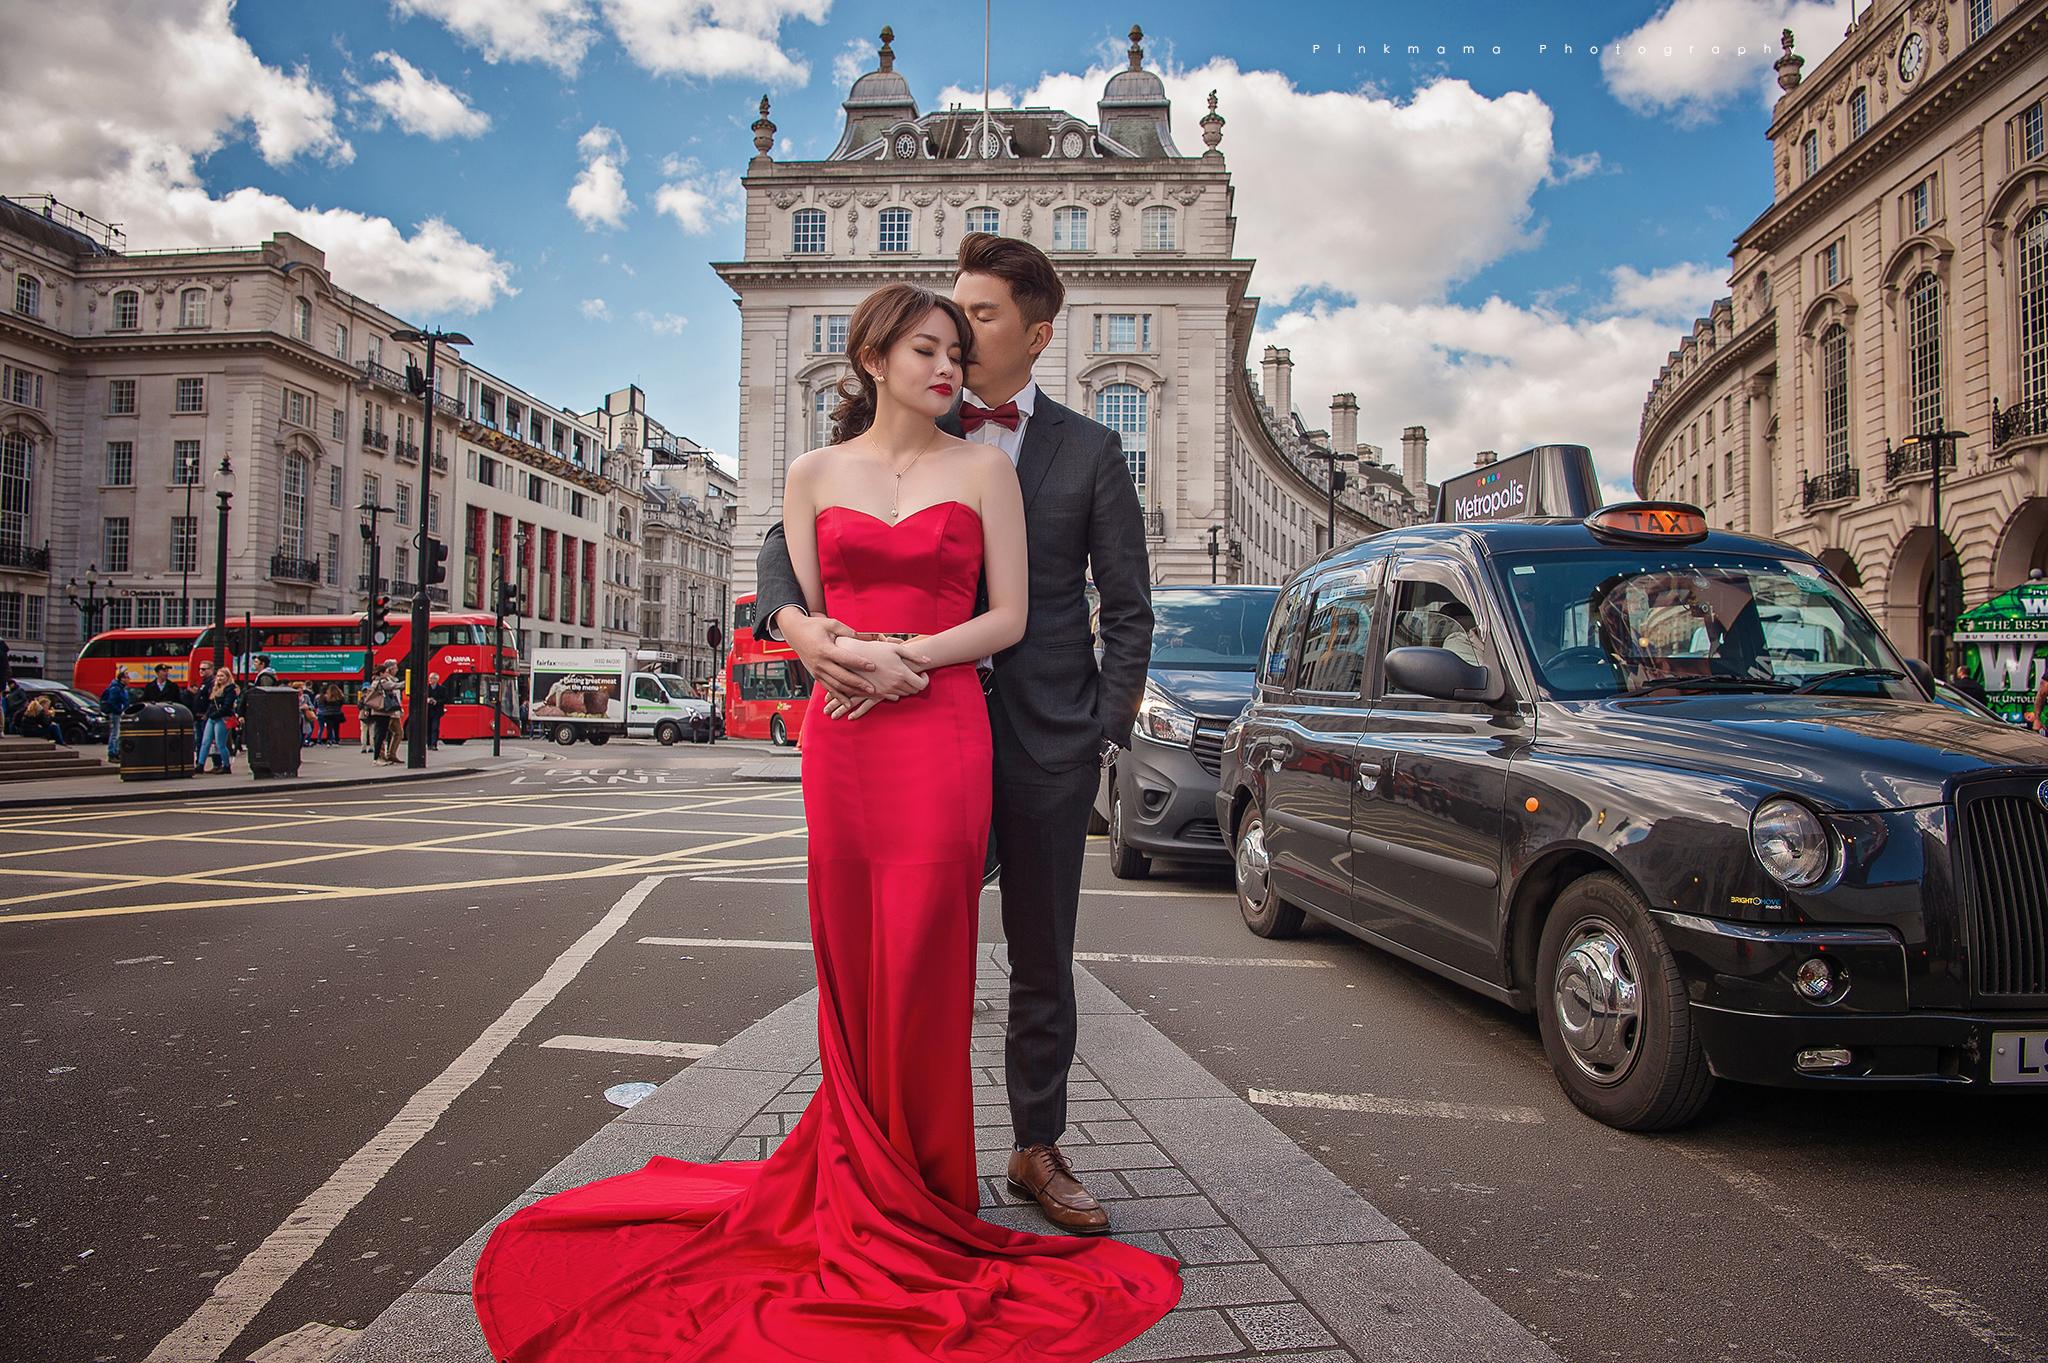 攝政街,倫敦街景,倫敦海外婚紗,London Pre wedding,英國倫敦,倫敦婚紗攝影師,台灣婚紗攝影師,regent street,海外婚紗收費,推薦,優質,好評,英國倫敦婚禮,婚禮攝影師,Alisha & lace